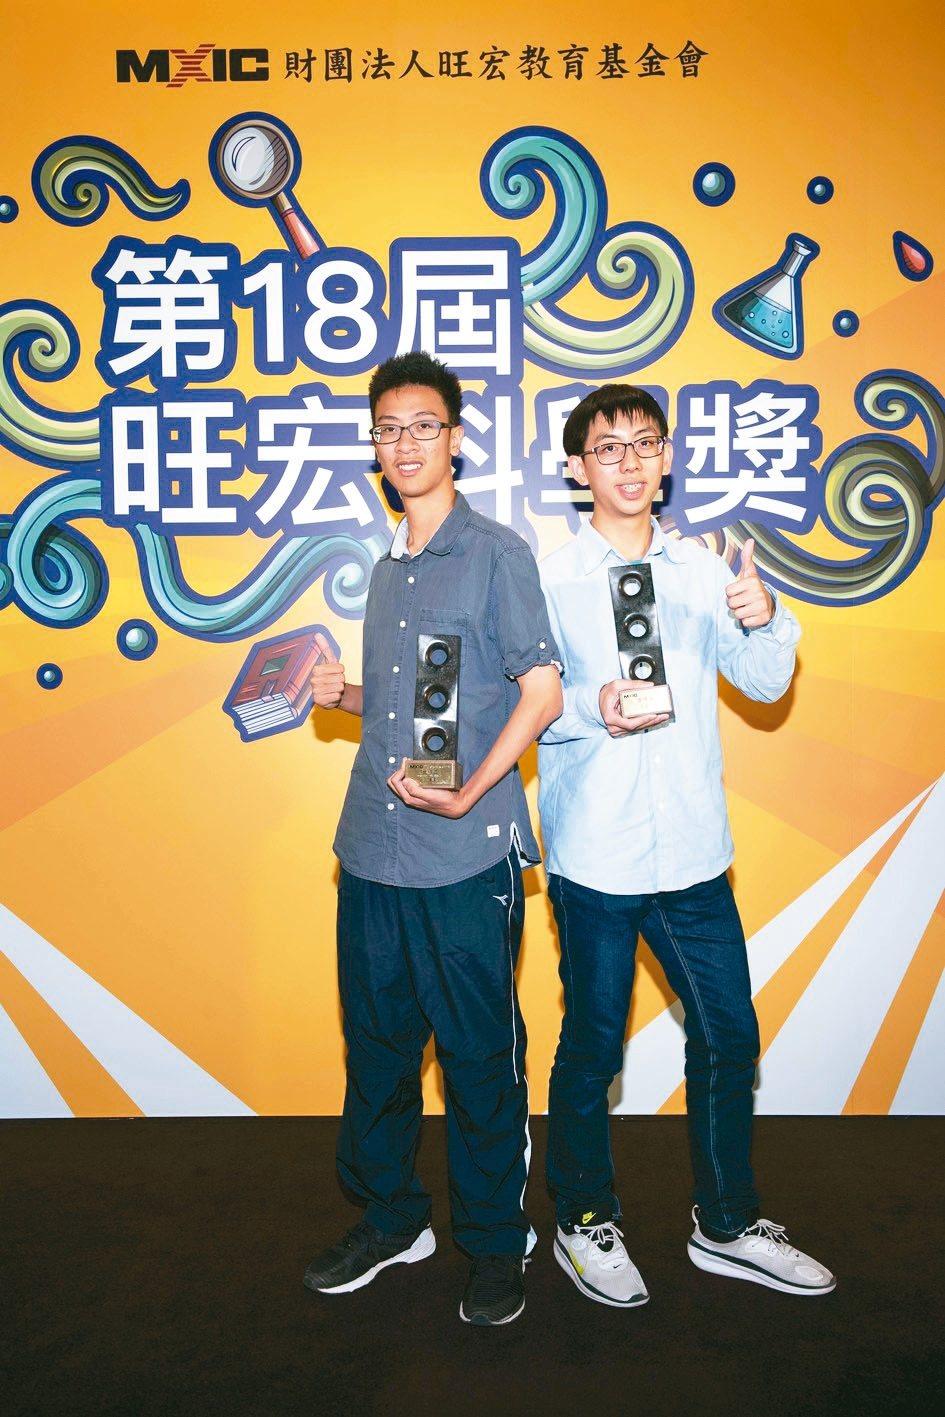 旺宏科學獎昨天頒獎,謝謹暄(左)與王奎鈞(右)同獲金牌獎,獲得大學四年四十萬元獎...